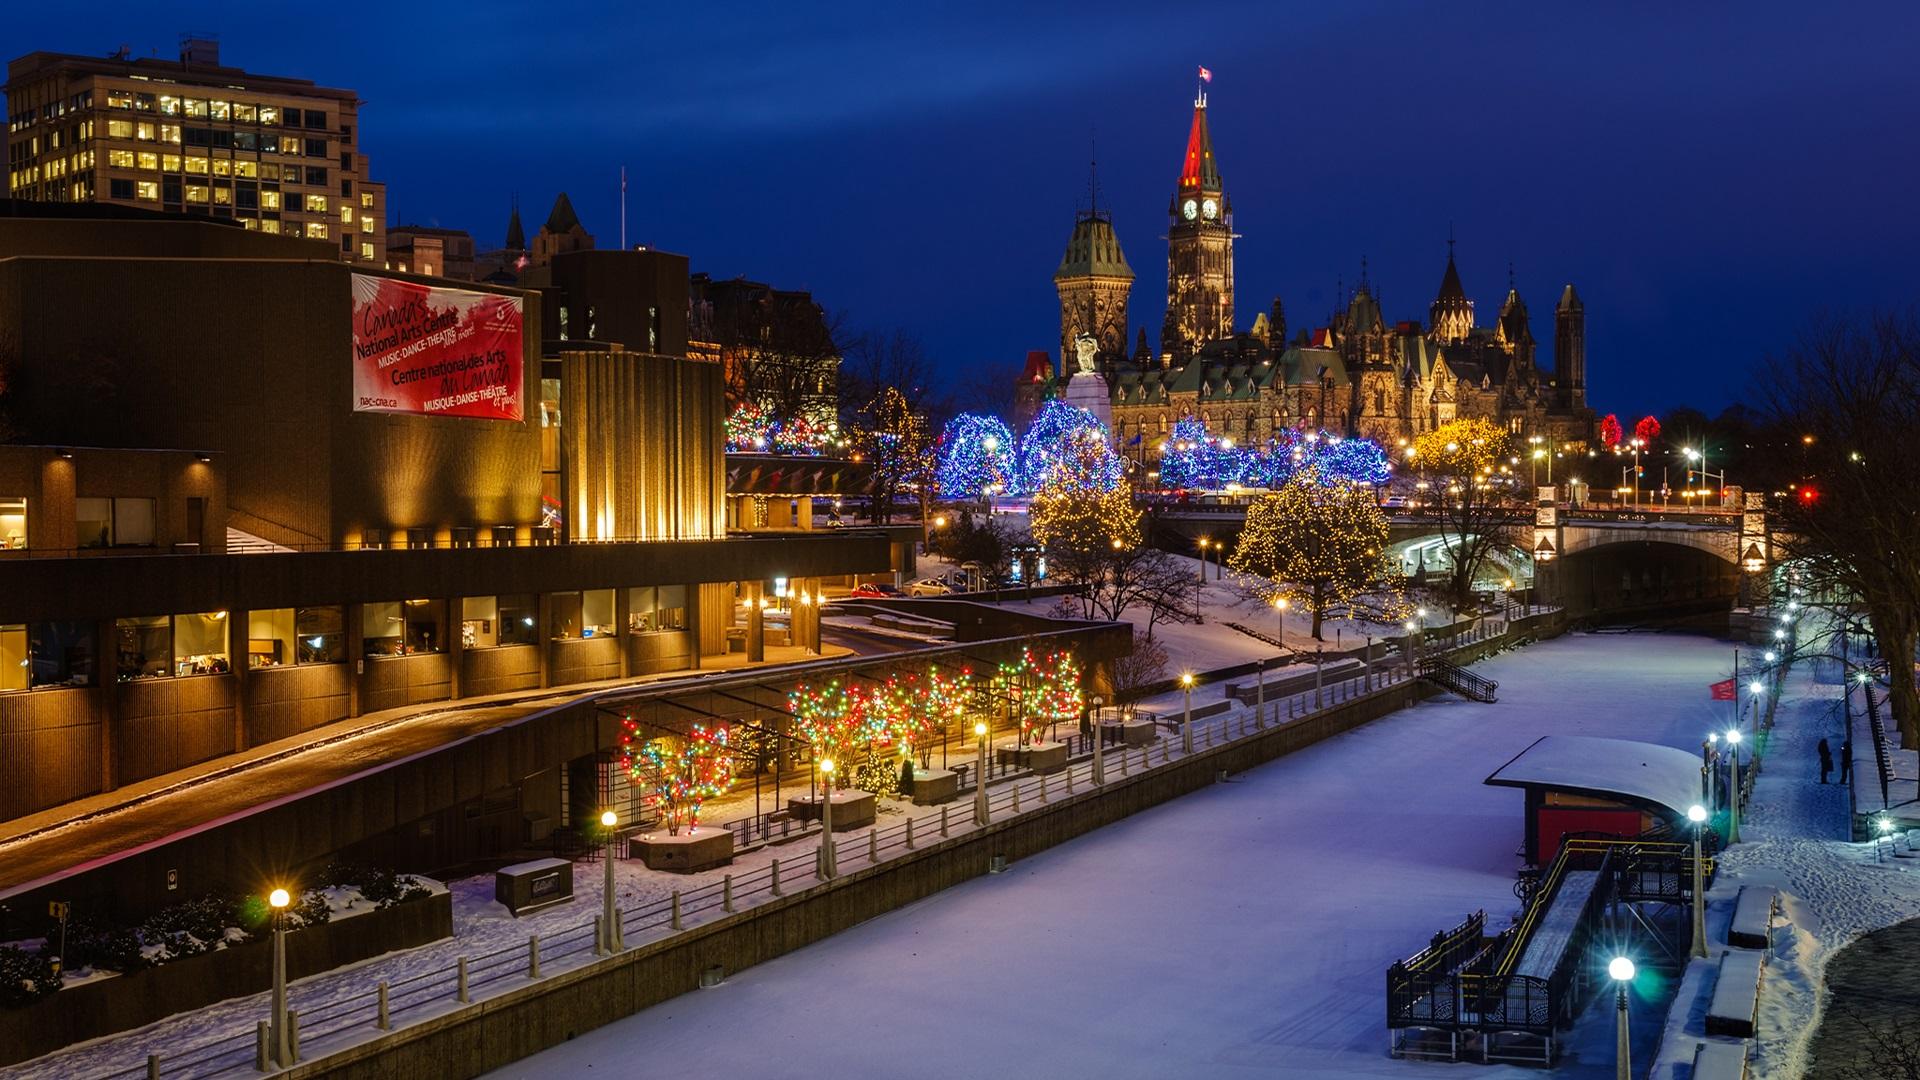 پایتخت کانادا کجاست؟